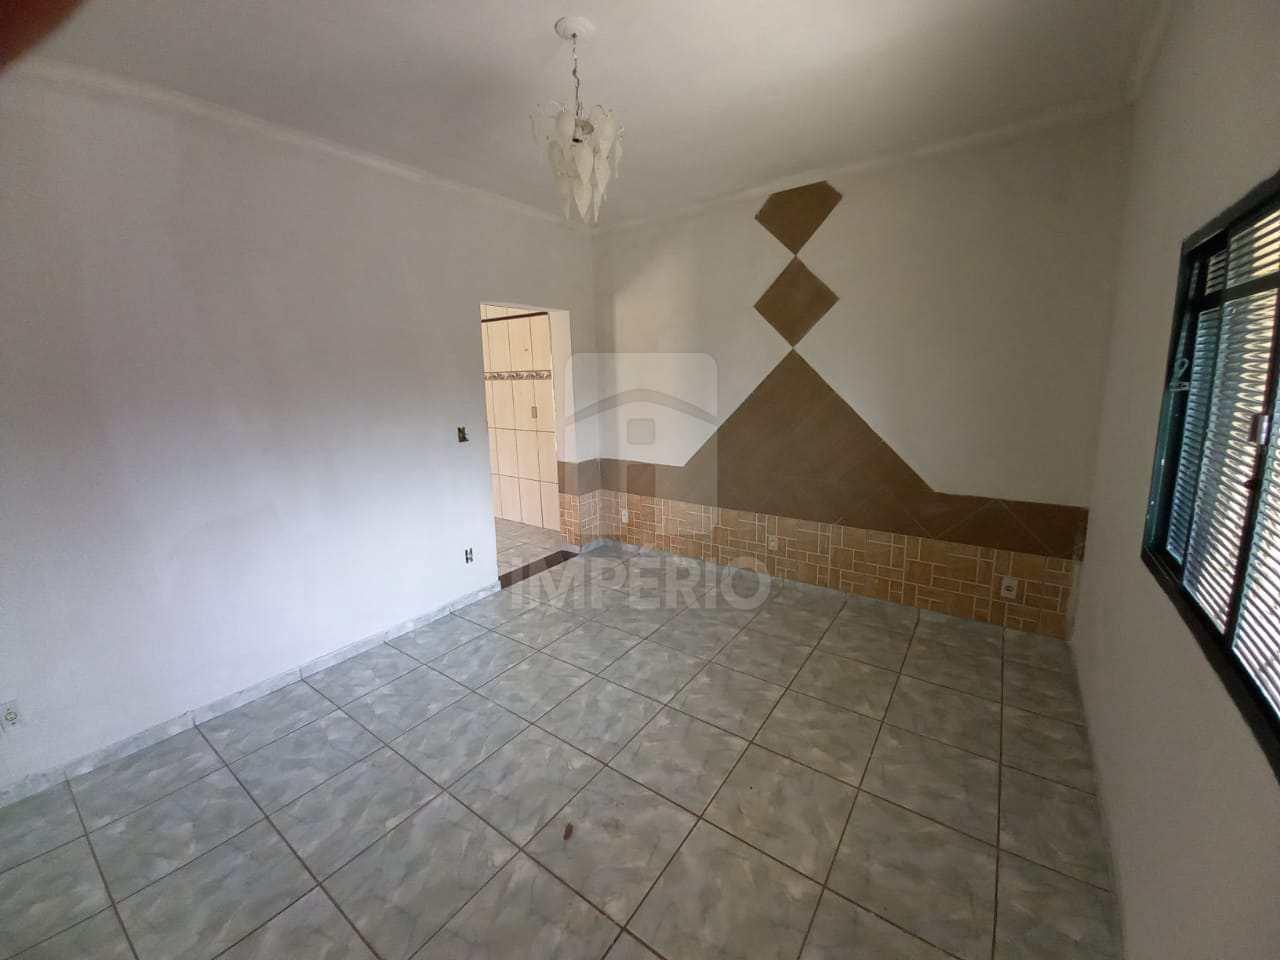 Casa com 3 dorms, Jardim Cila de Lúcio Bauab, Jaú - R$ 190 mil, Cod: 395